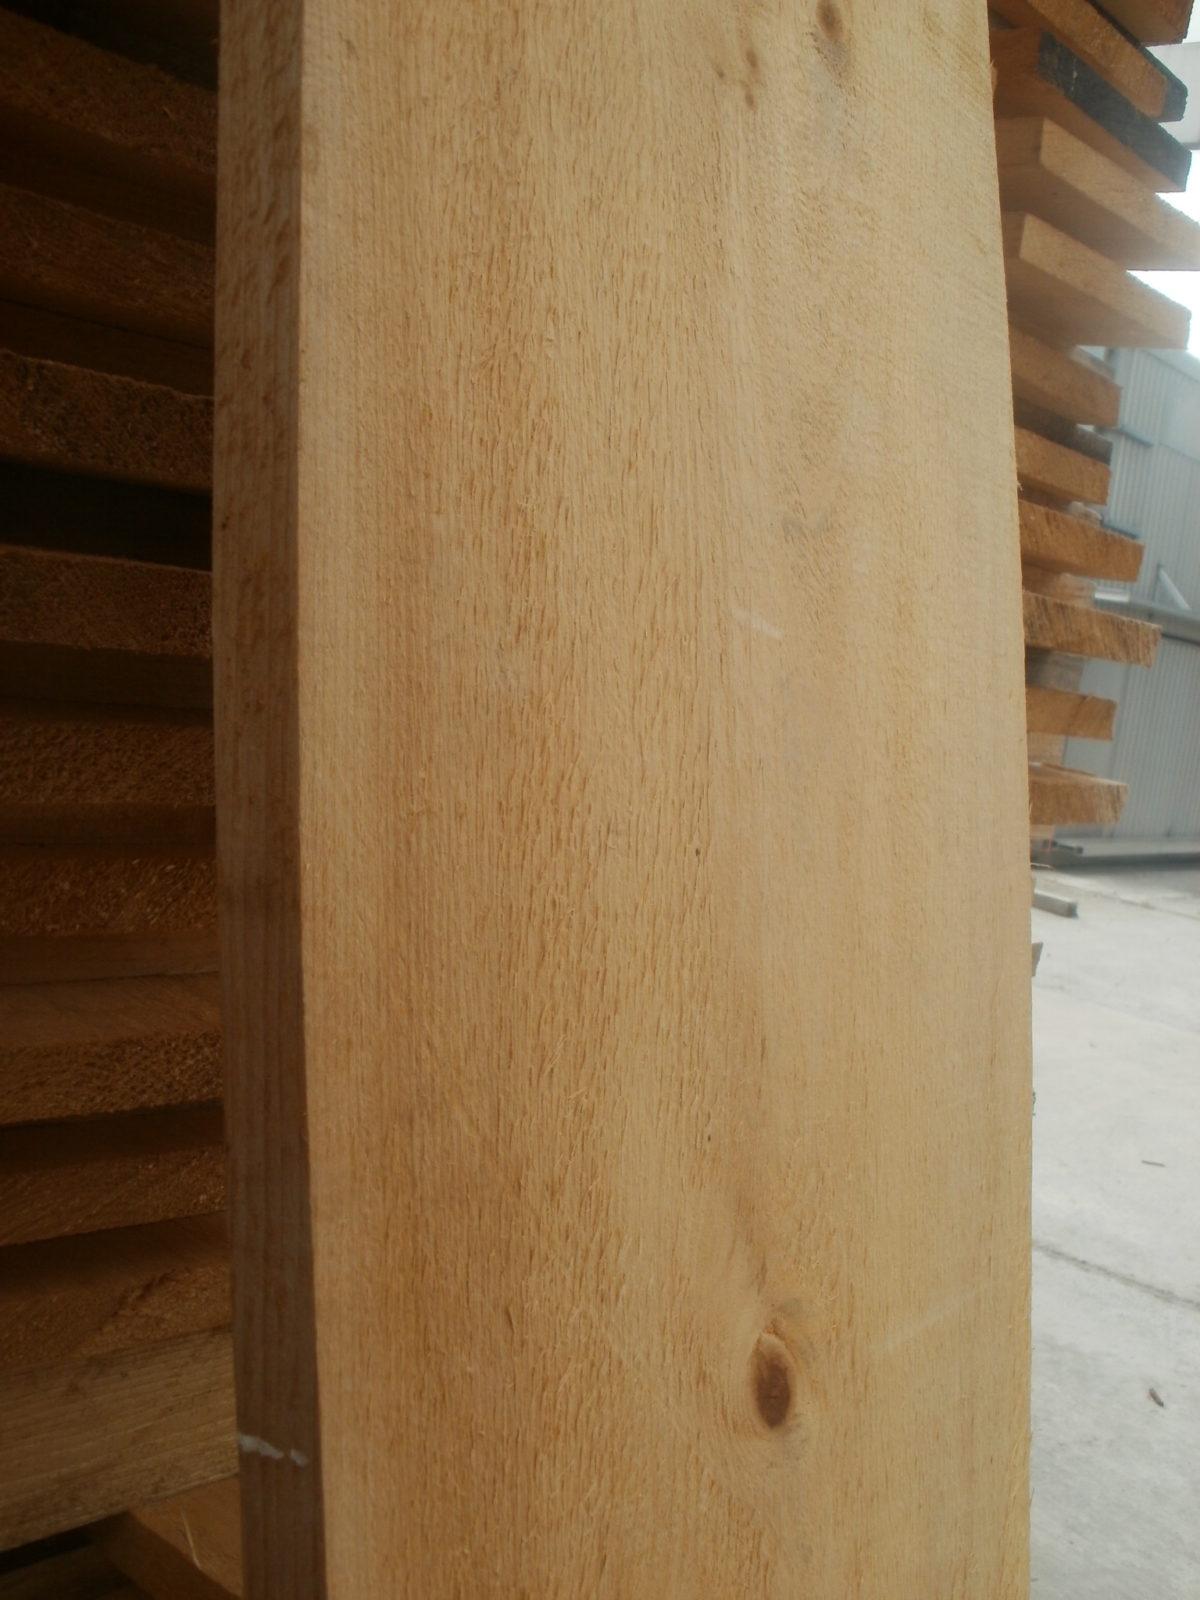 Weymouthskiefernholz nach dem Einschnitt